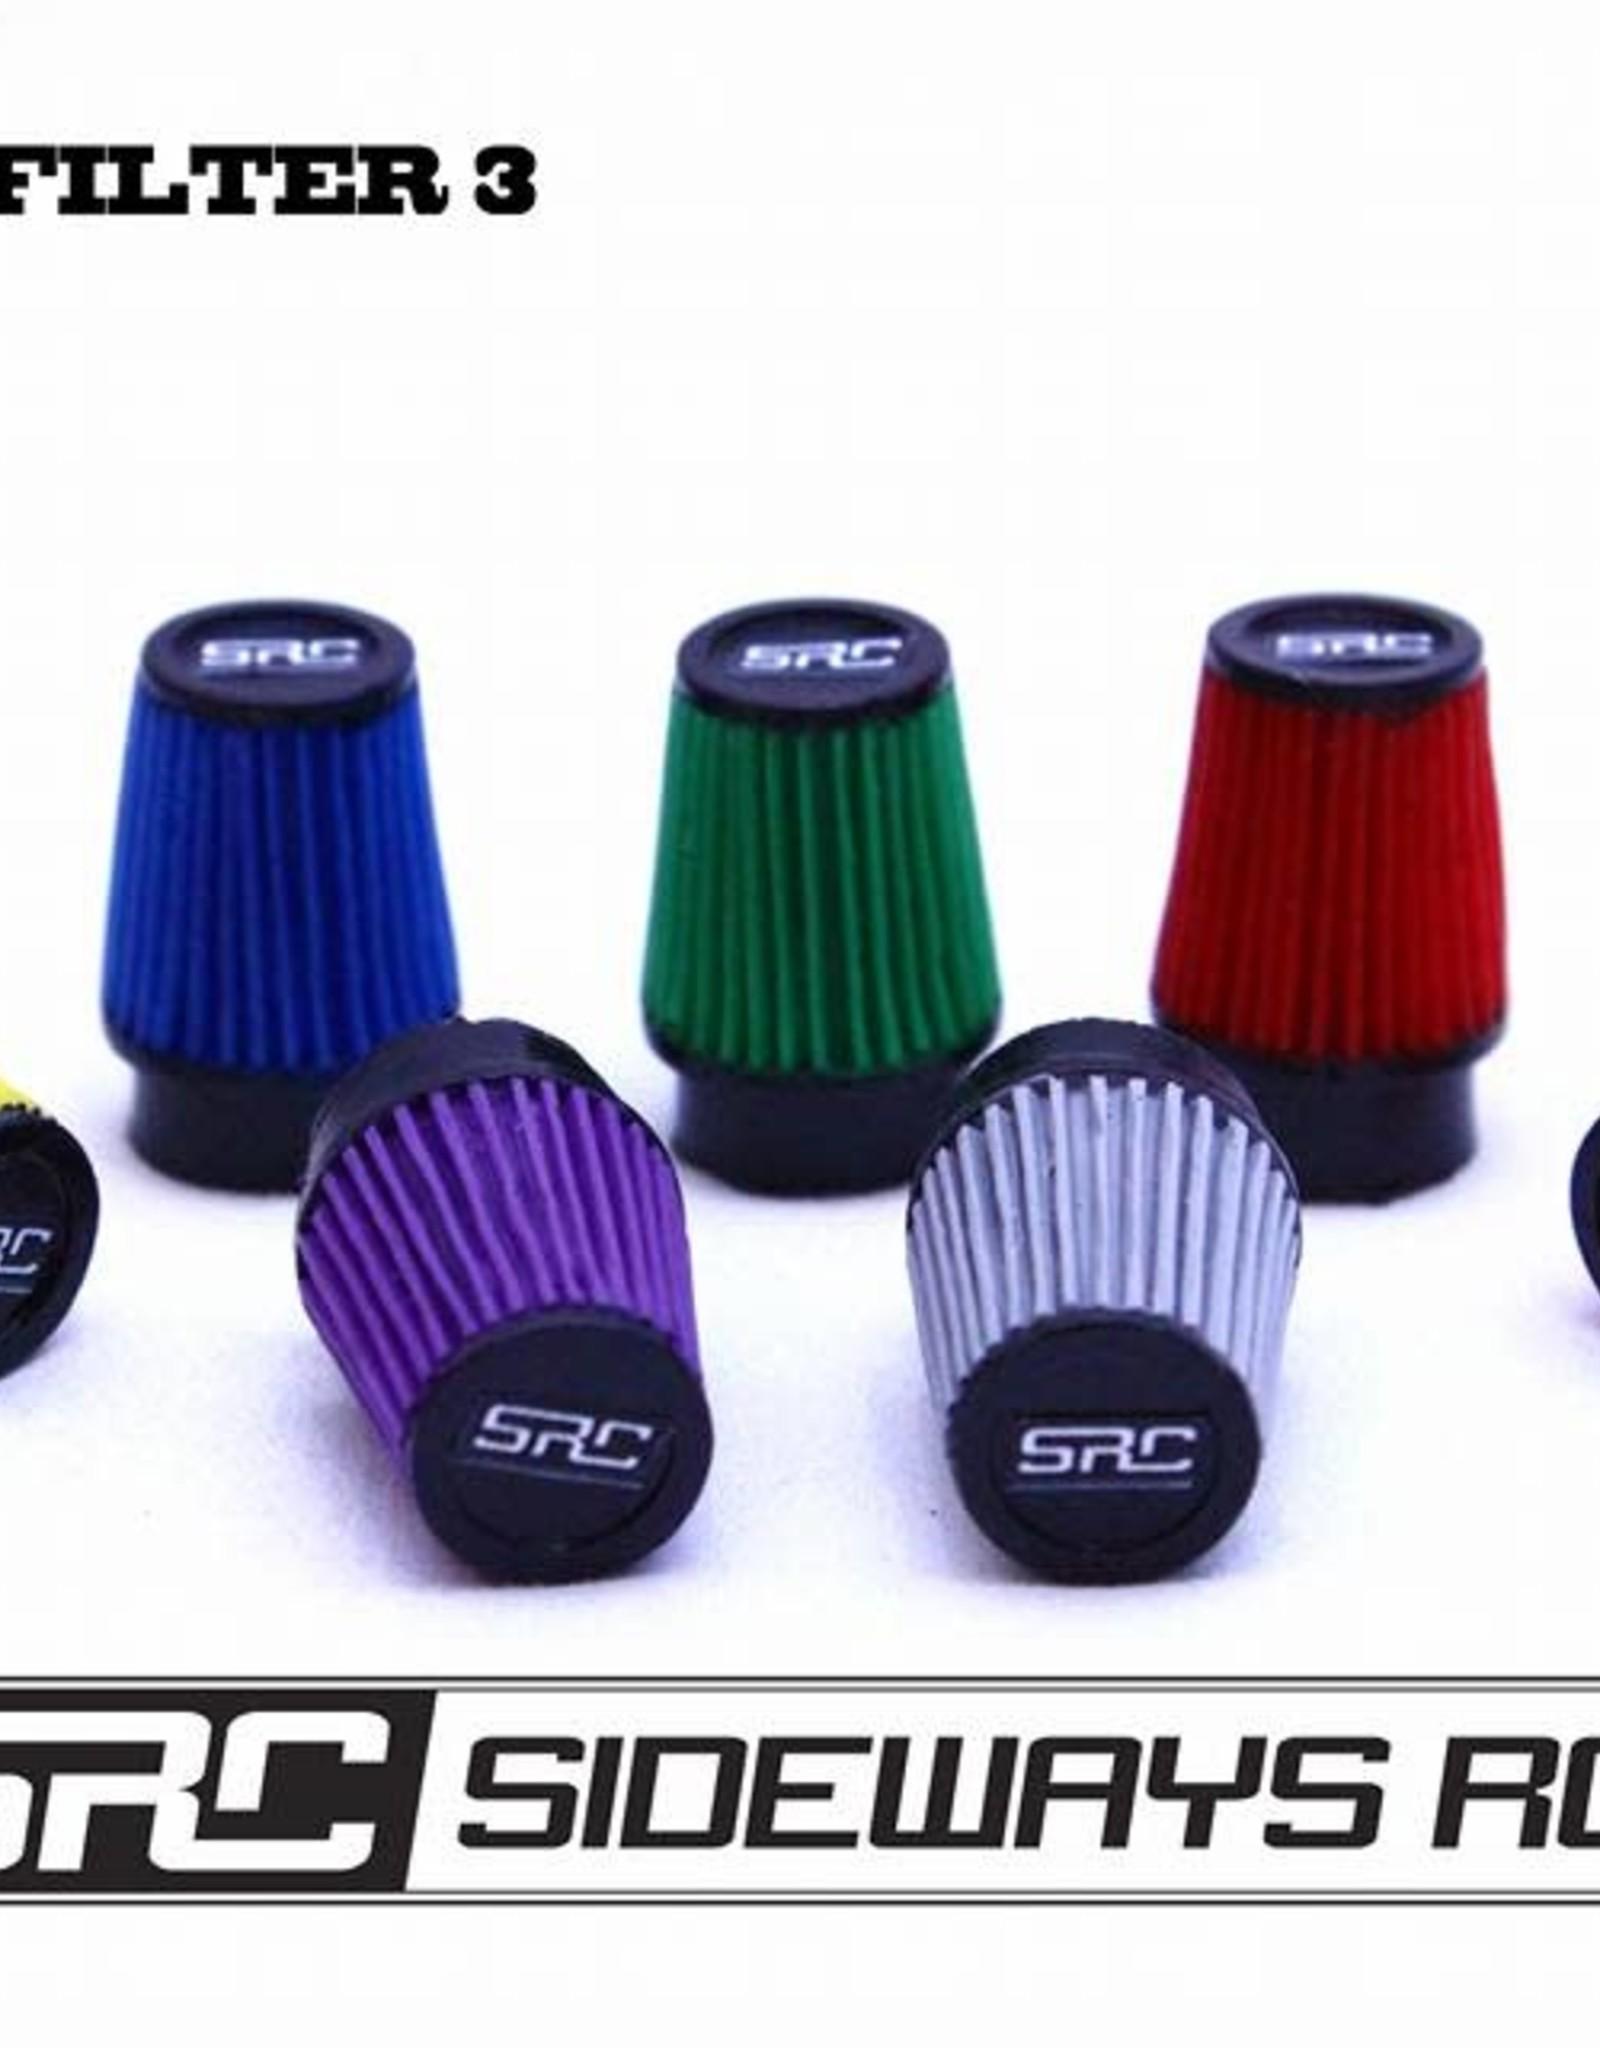 SRC SRCFTR3 CONE FILTER SYLE 3 BY SRC Orange